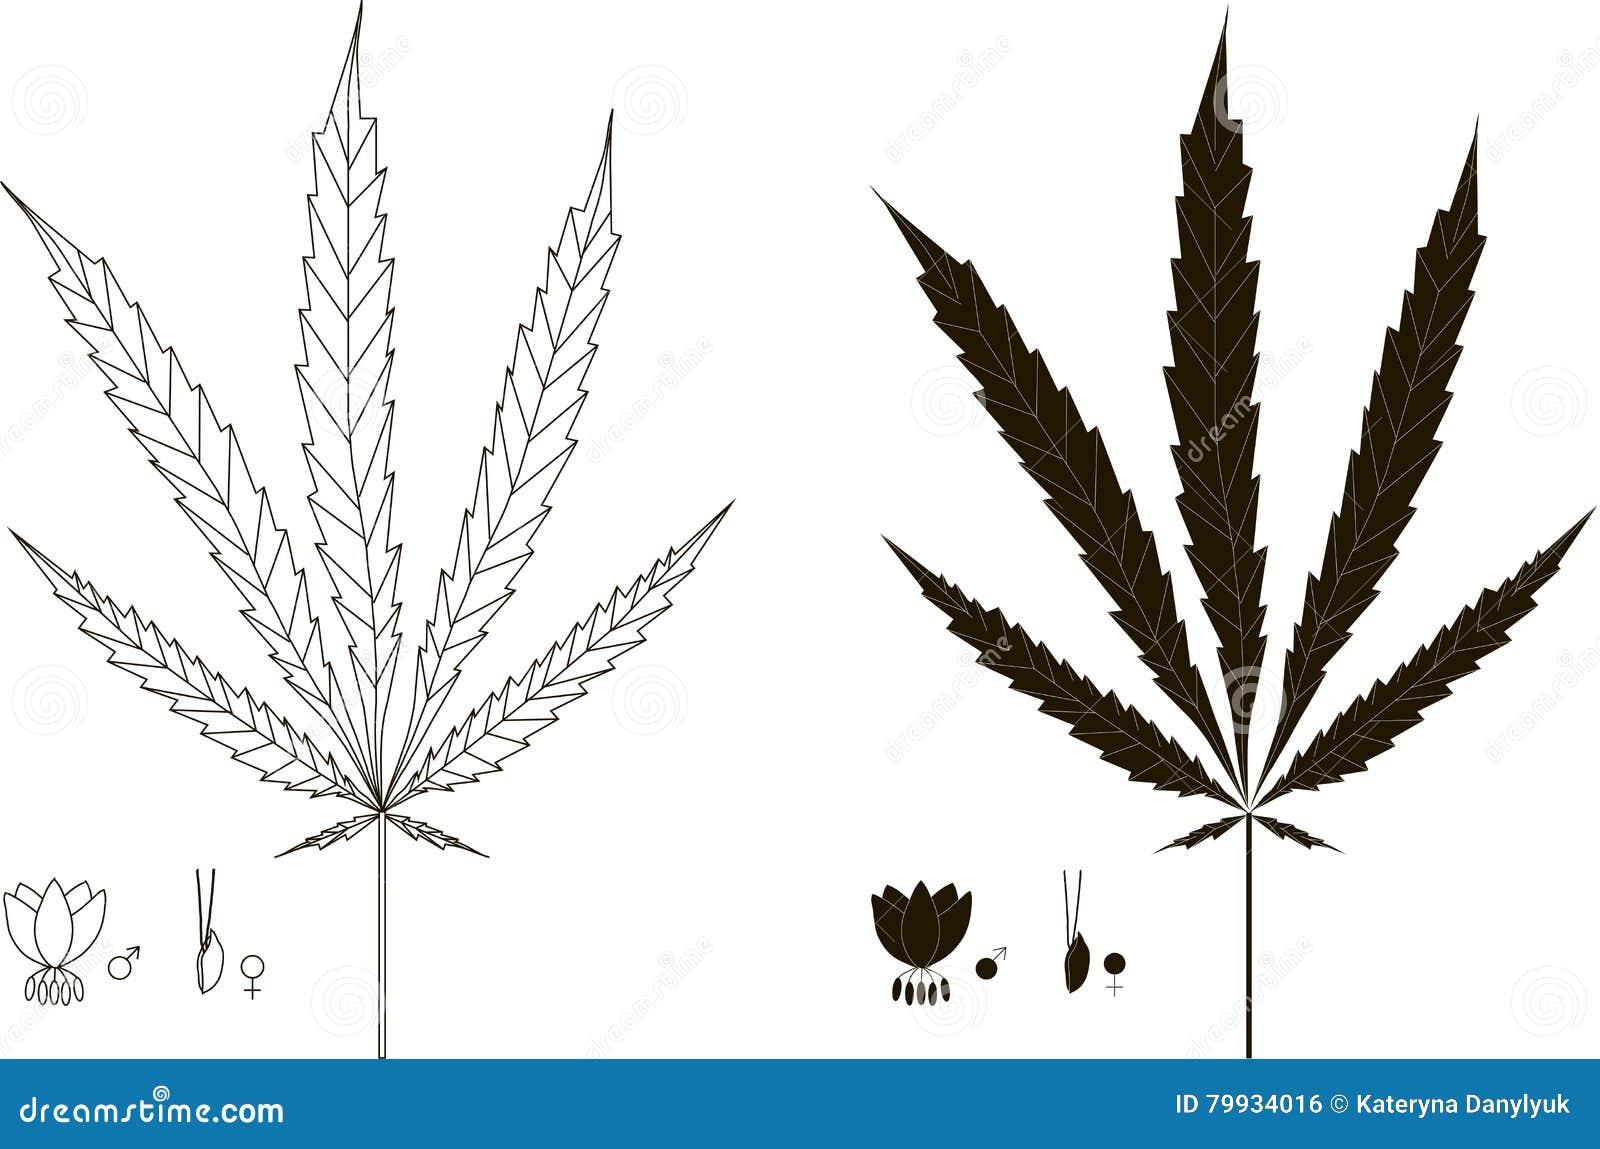 La Silhouette Graphique Noire Et Blanche Contour De Cannabis